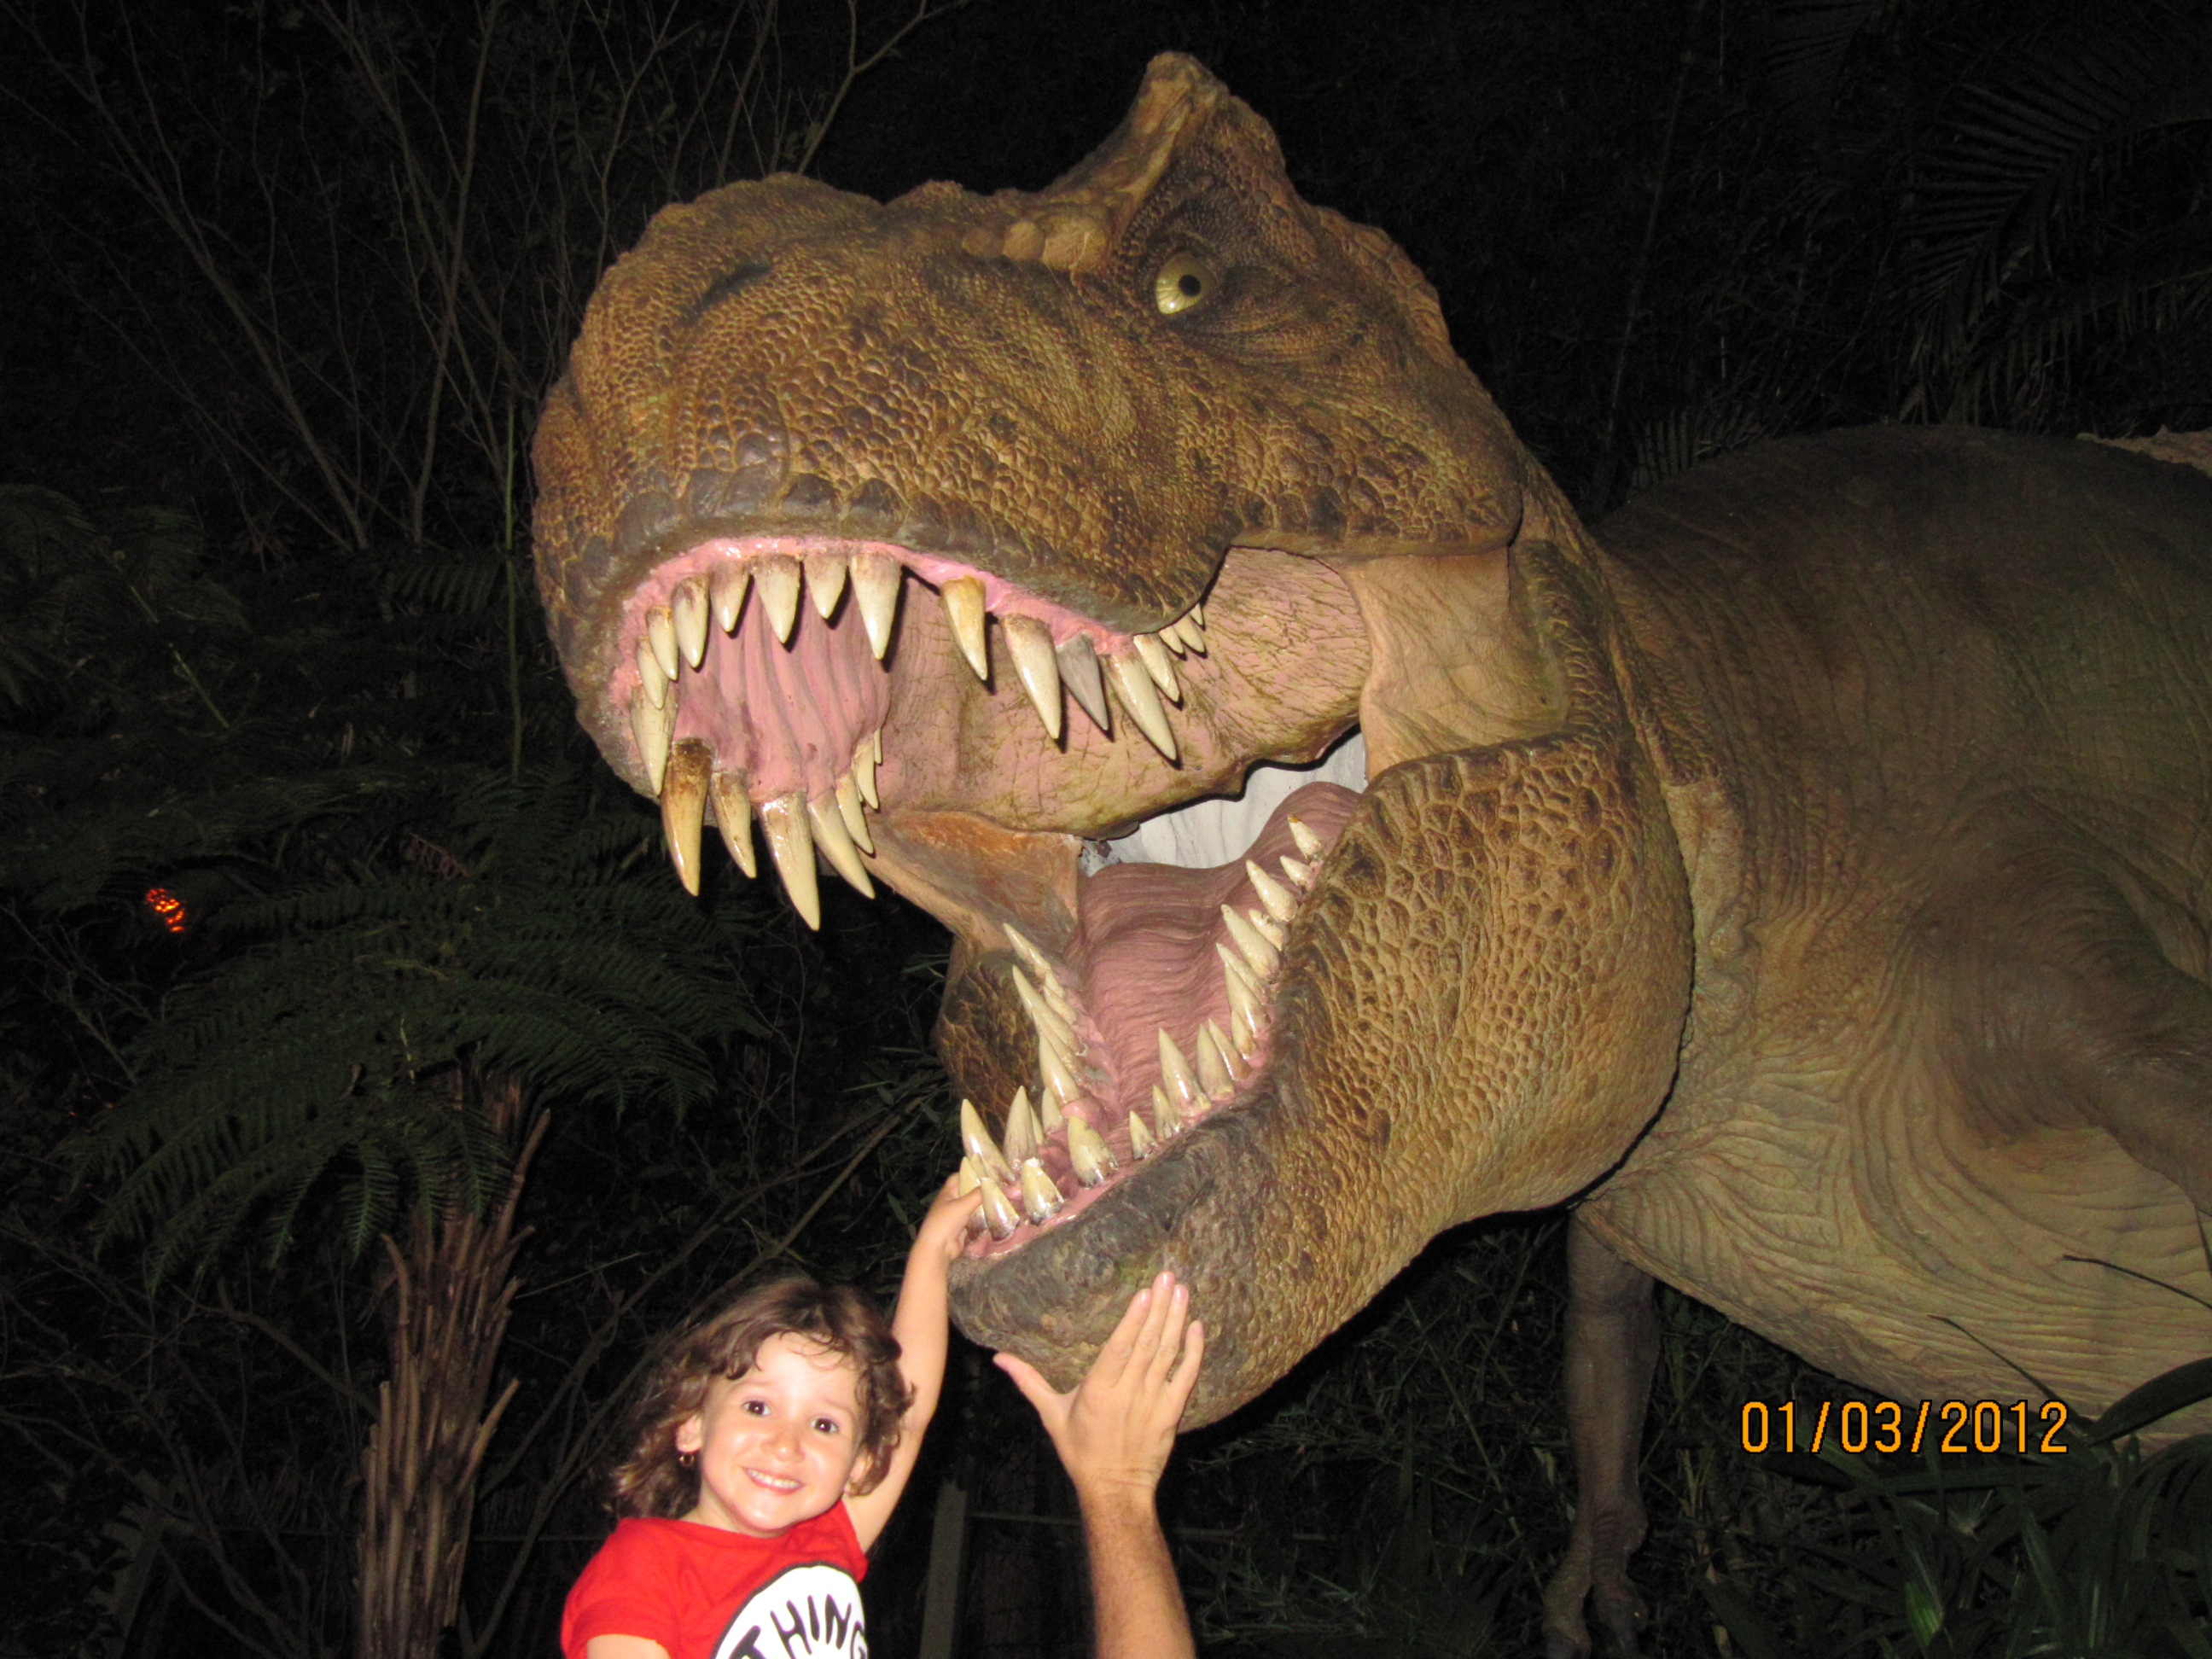 Dentista de dinossauro